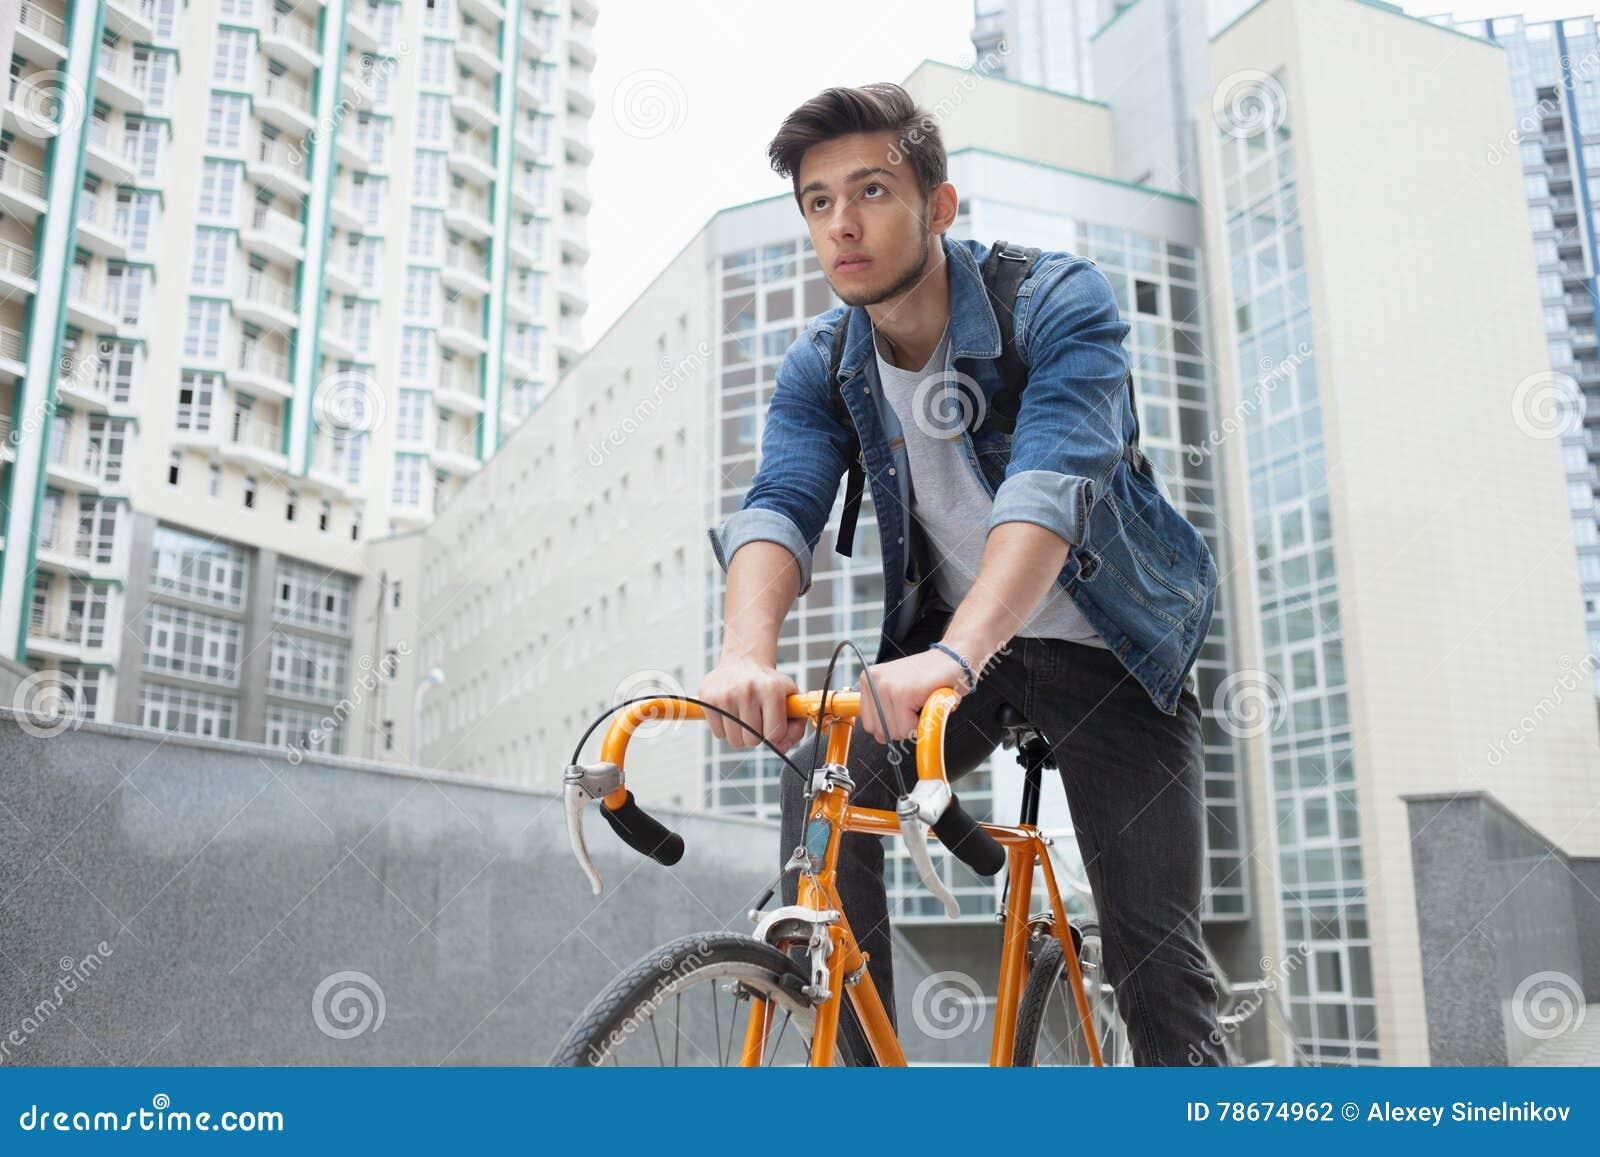 Le type va à la ville sur une bicyclette dans la veste de blues-jean jeune homme un vélo orange de difficulté